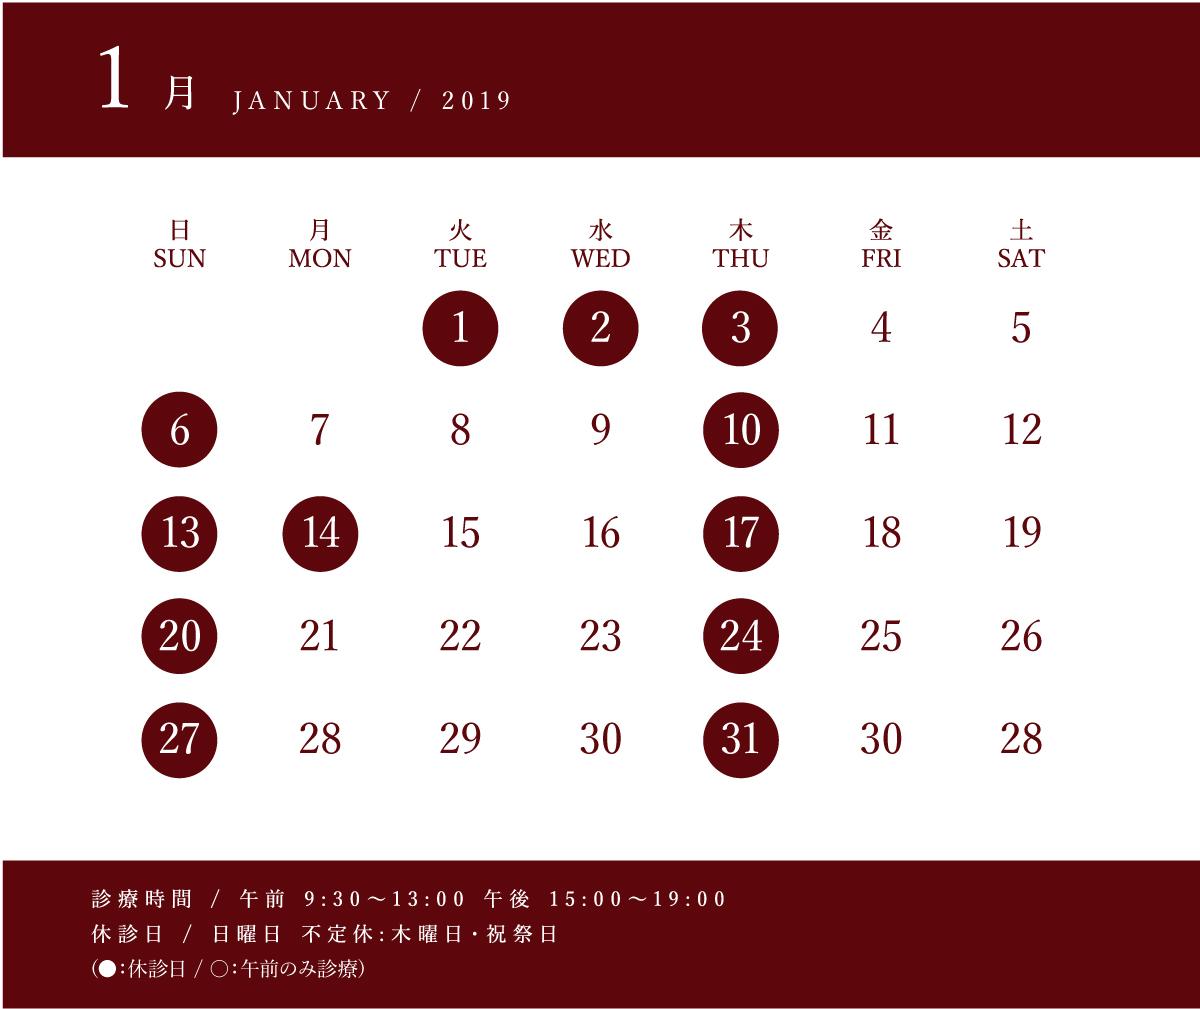 2019年1月休診カレンダー